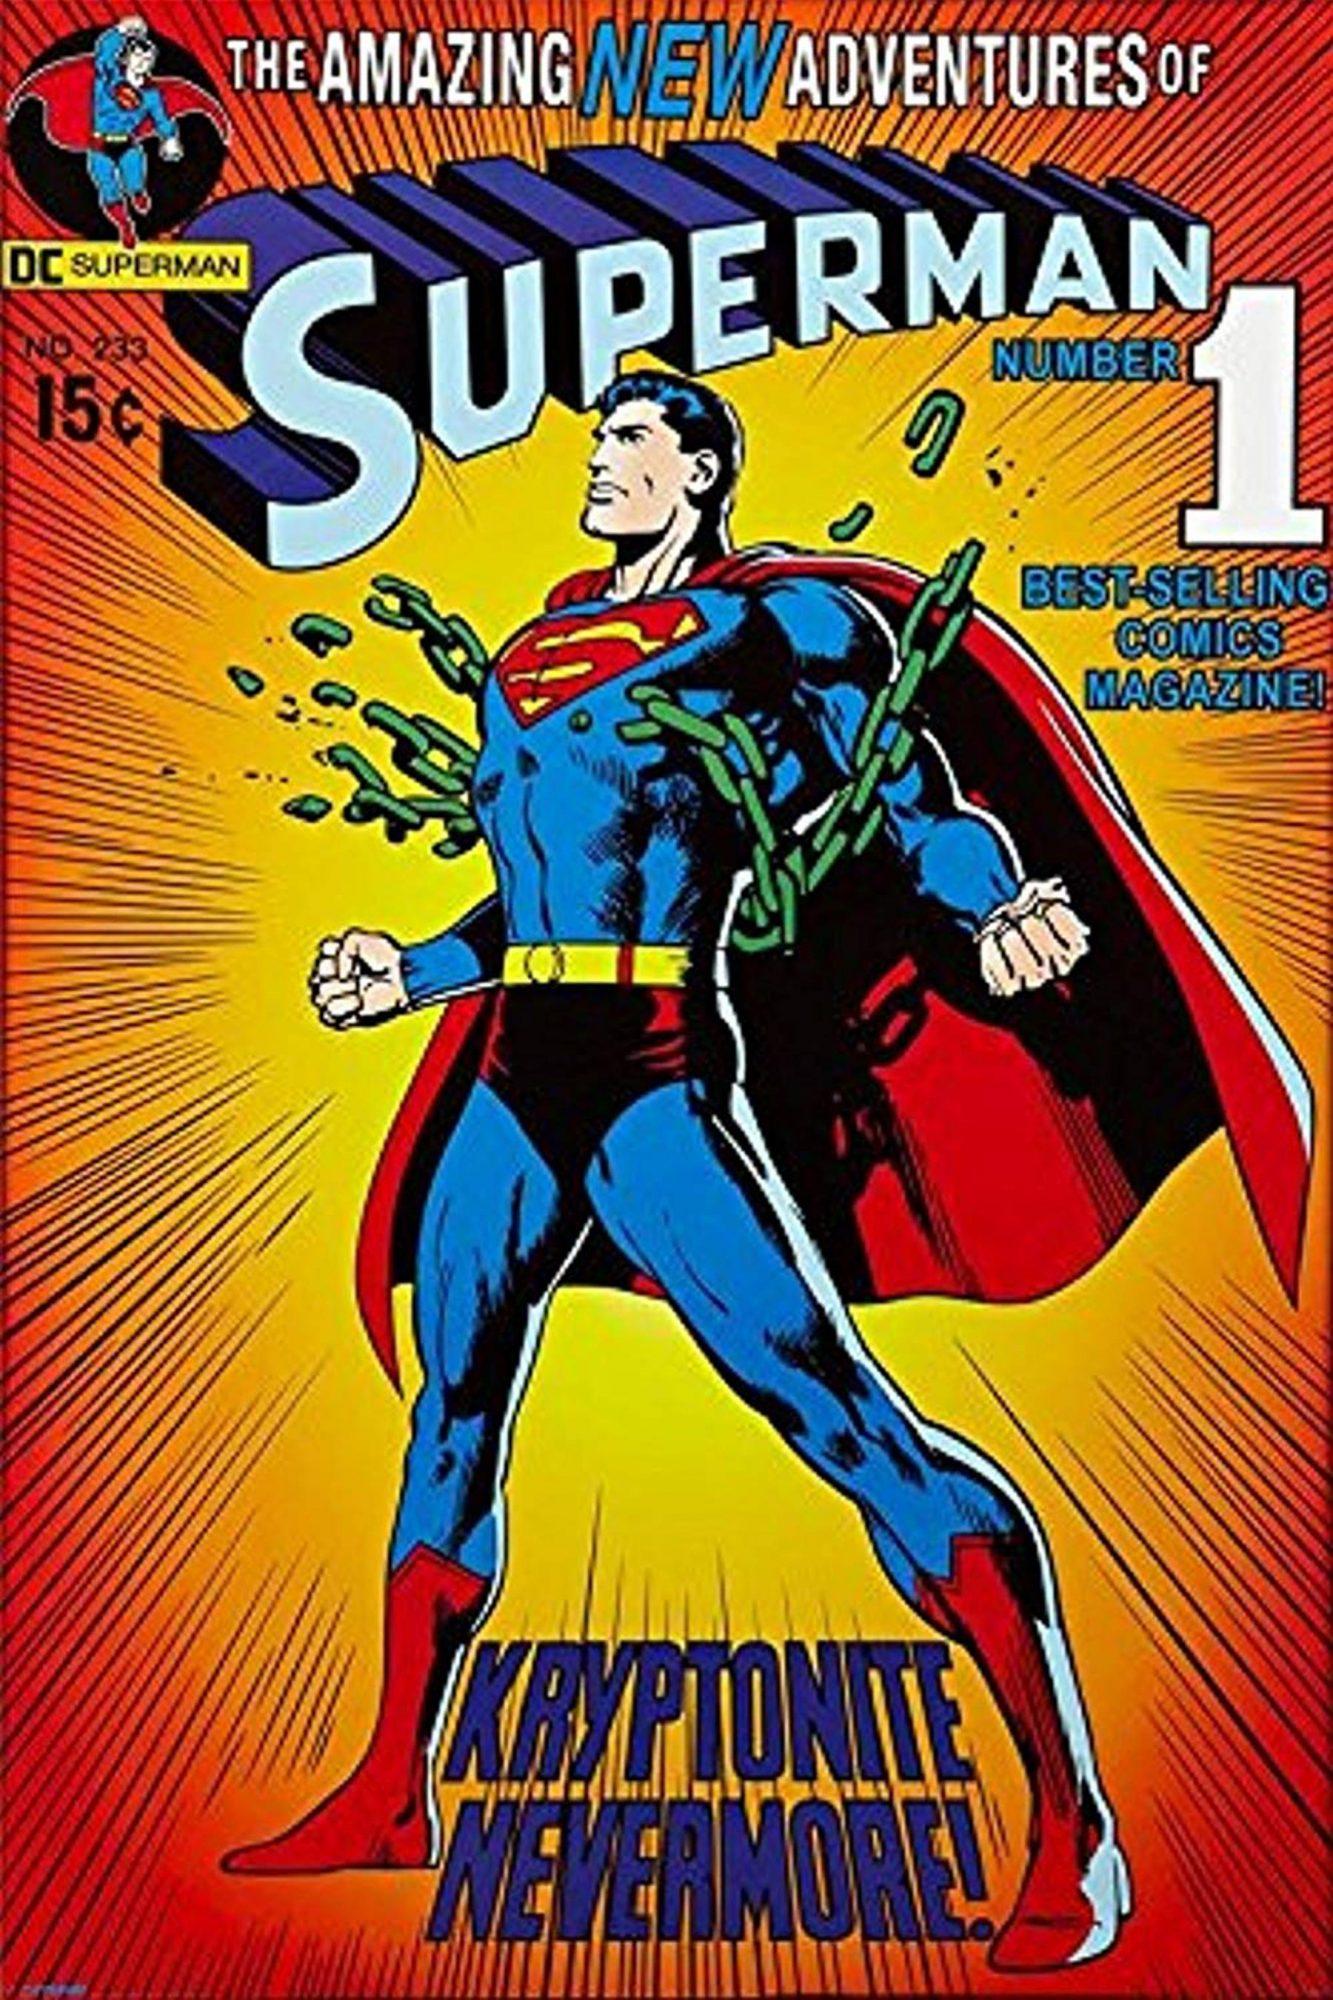 The Amazing New Adventures of Superman